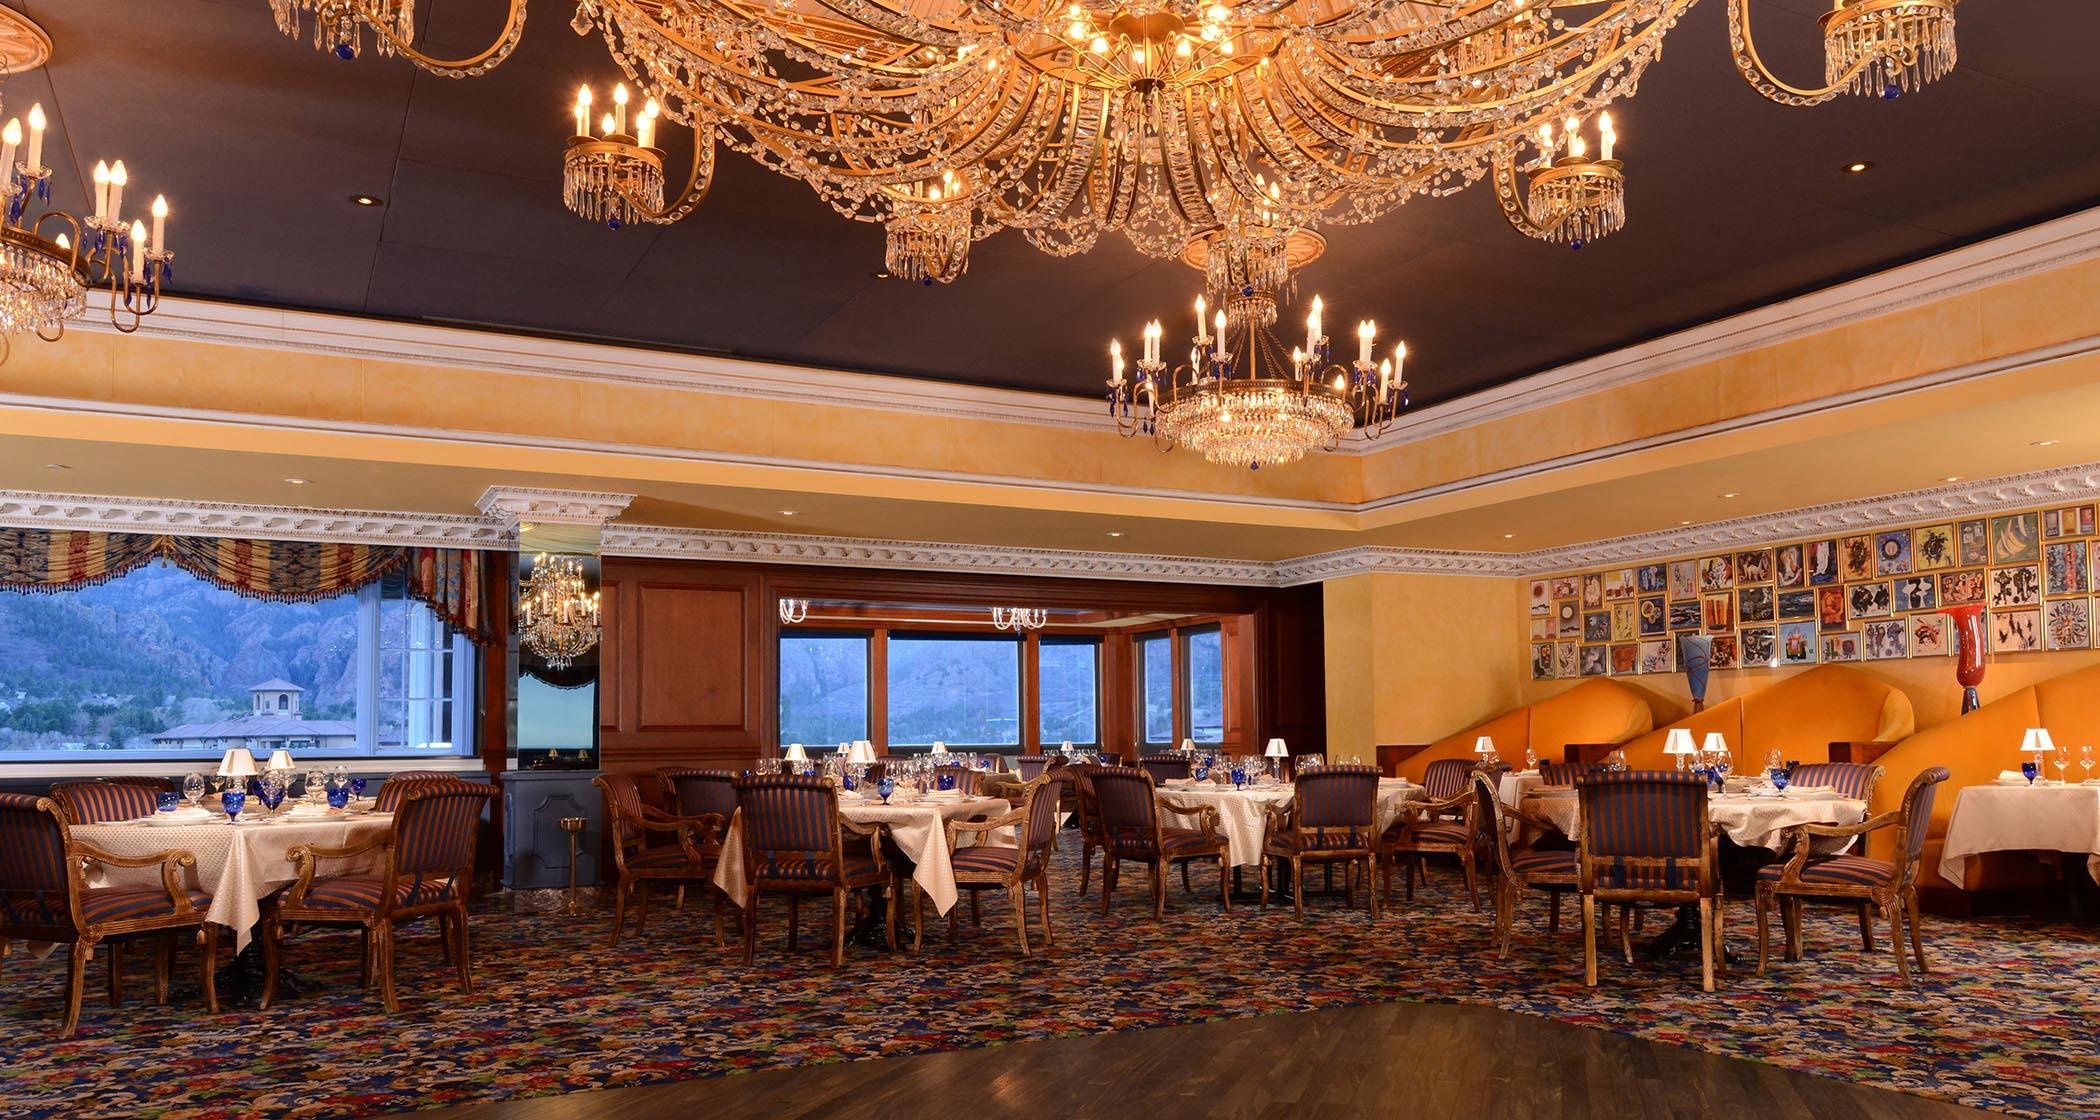 Broadmoor Room Service